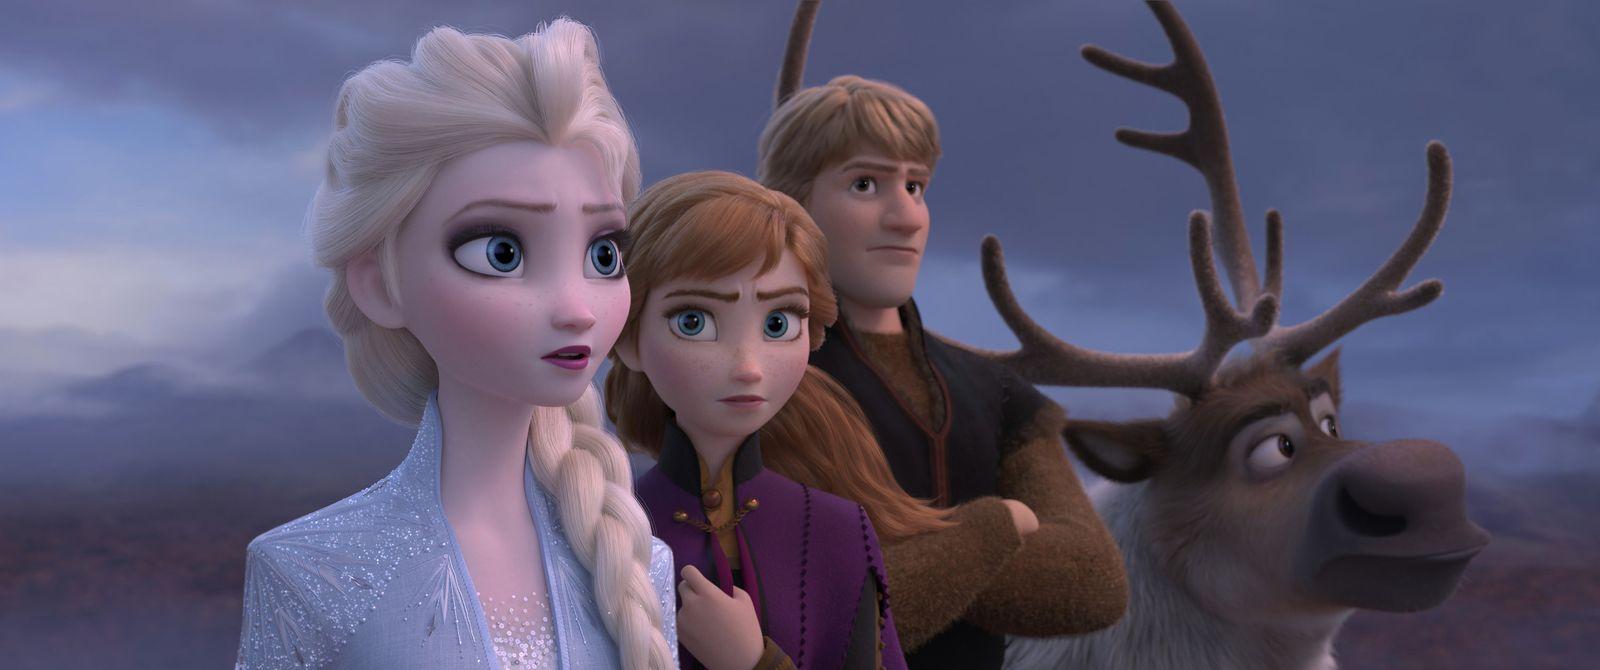 Frozen 2 Eiskönigin